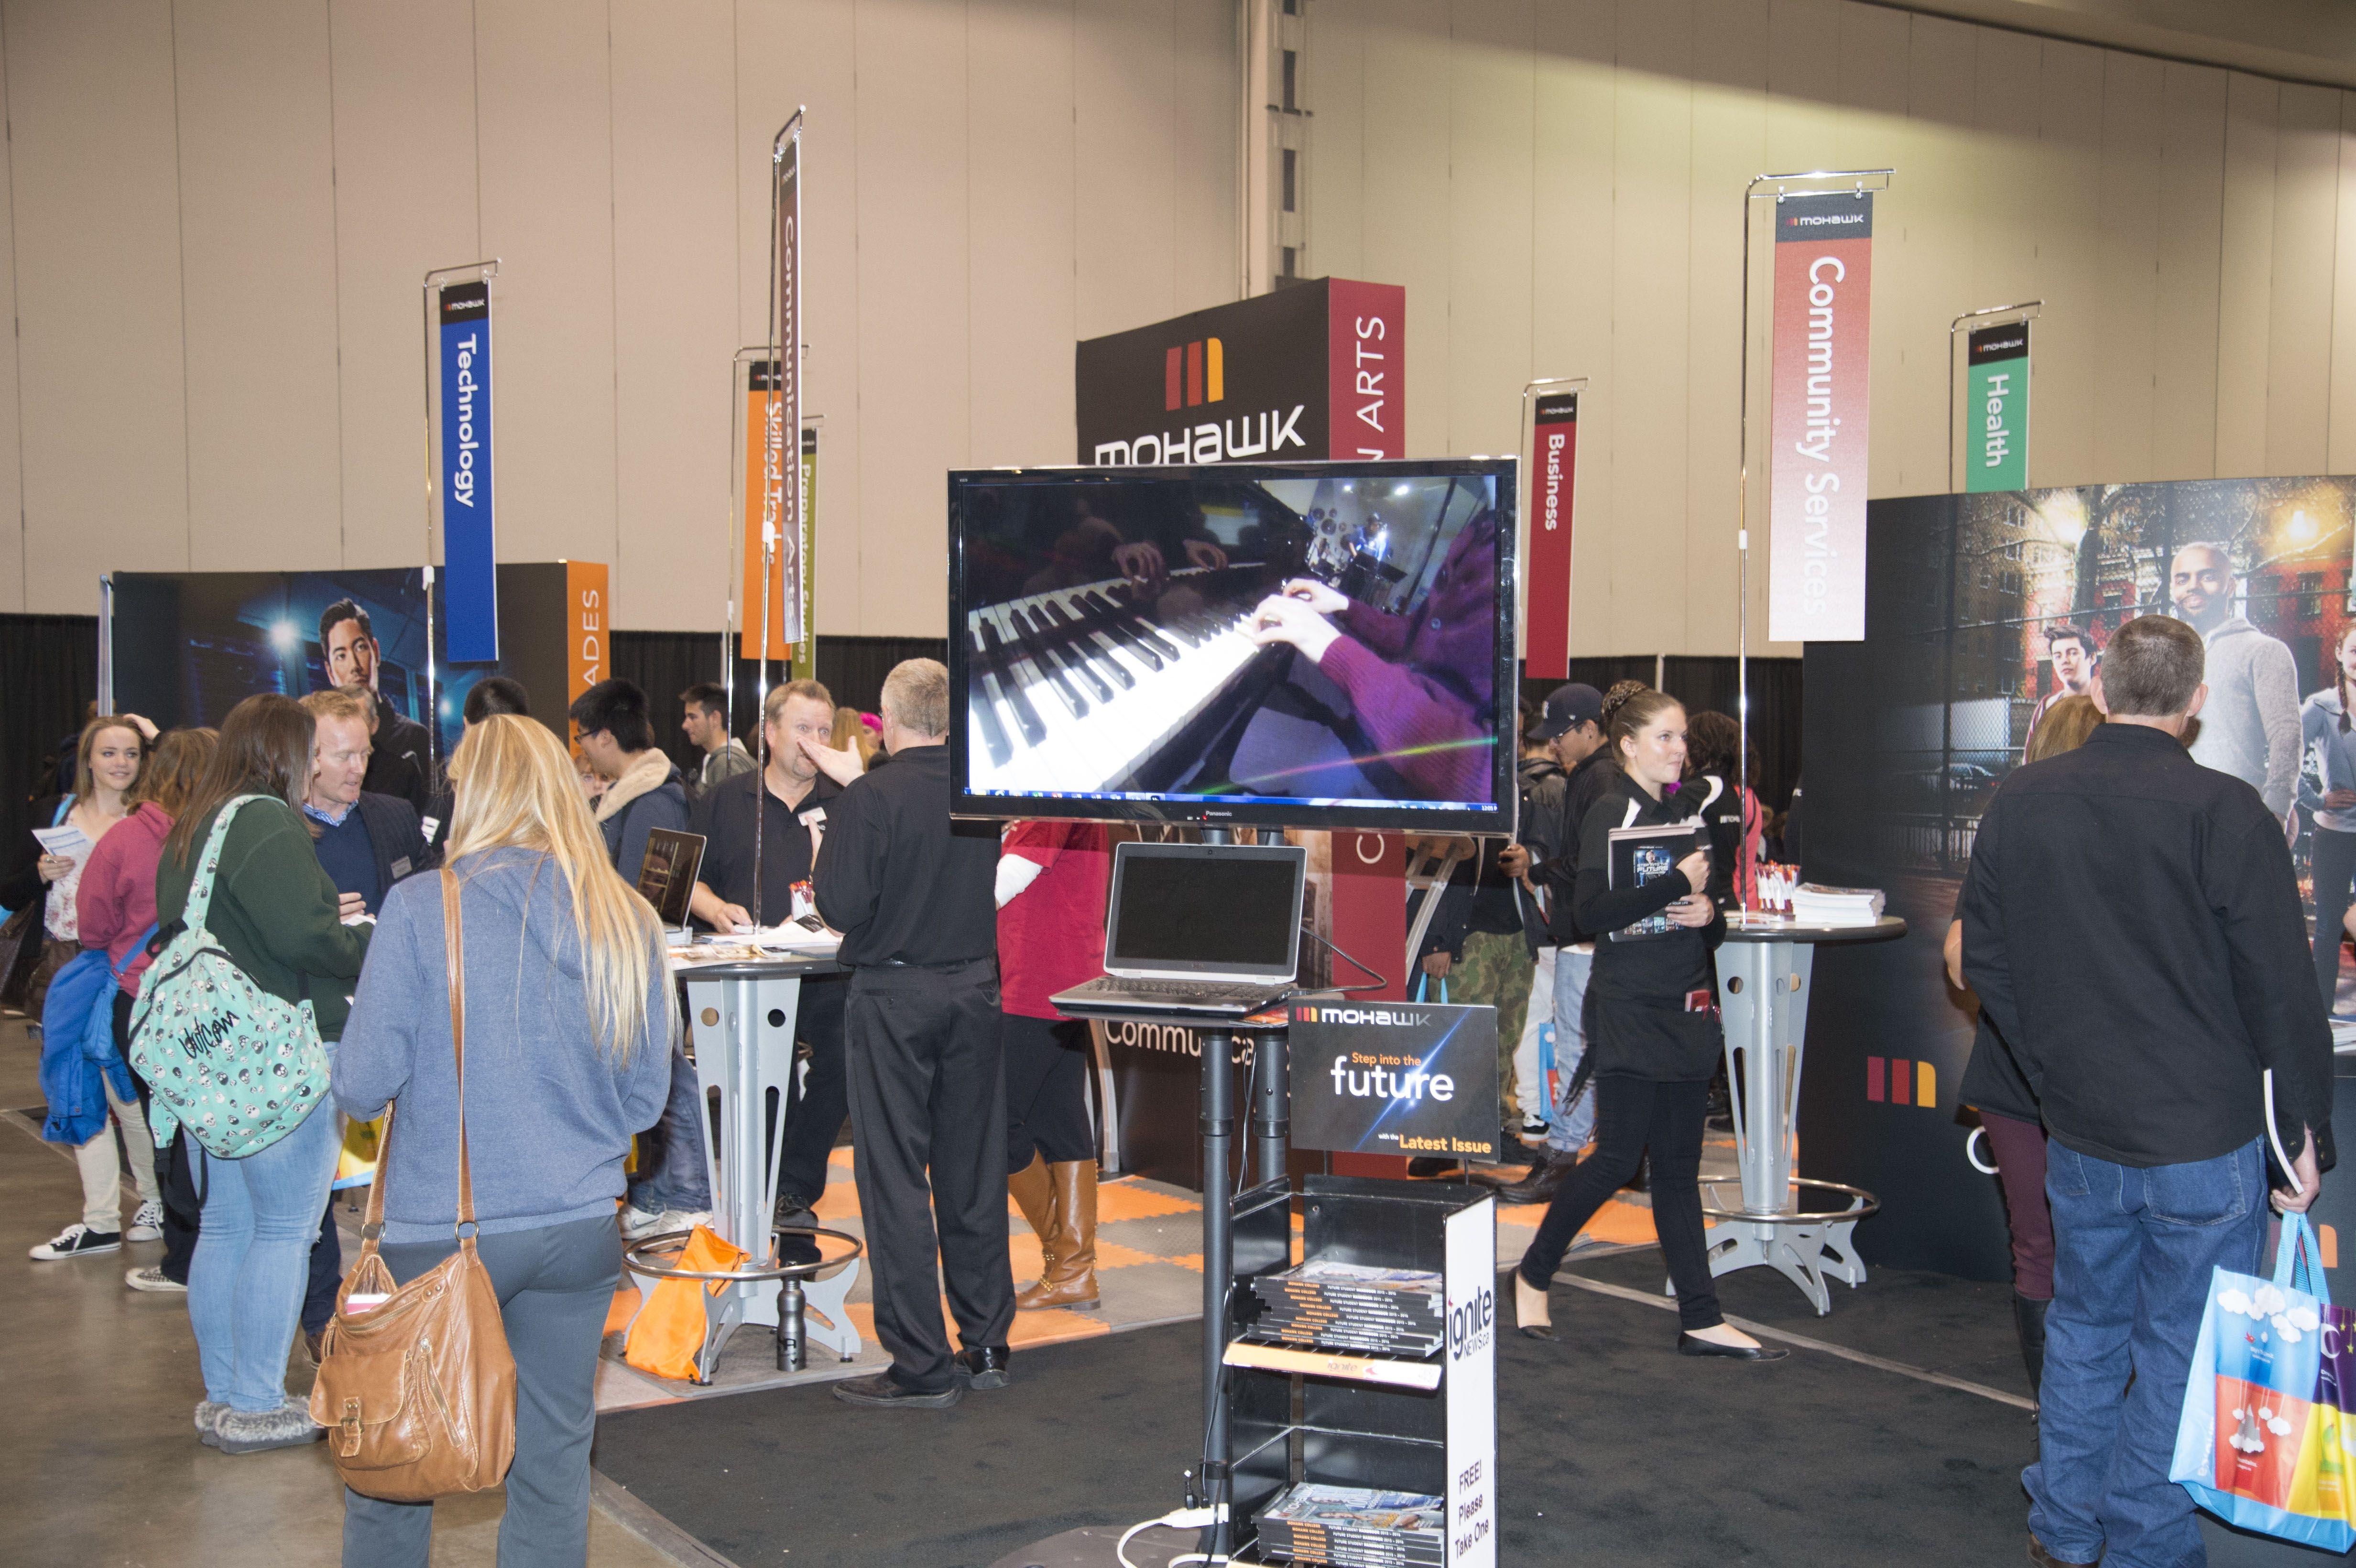 Ontario Colleges Information Fair OCIF2014